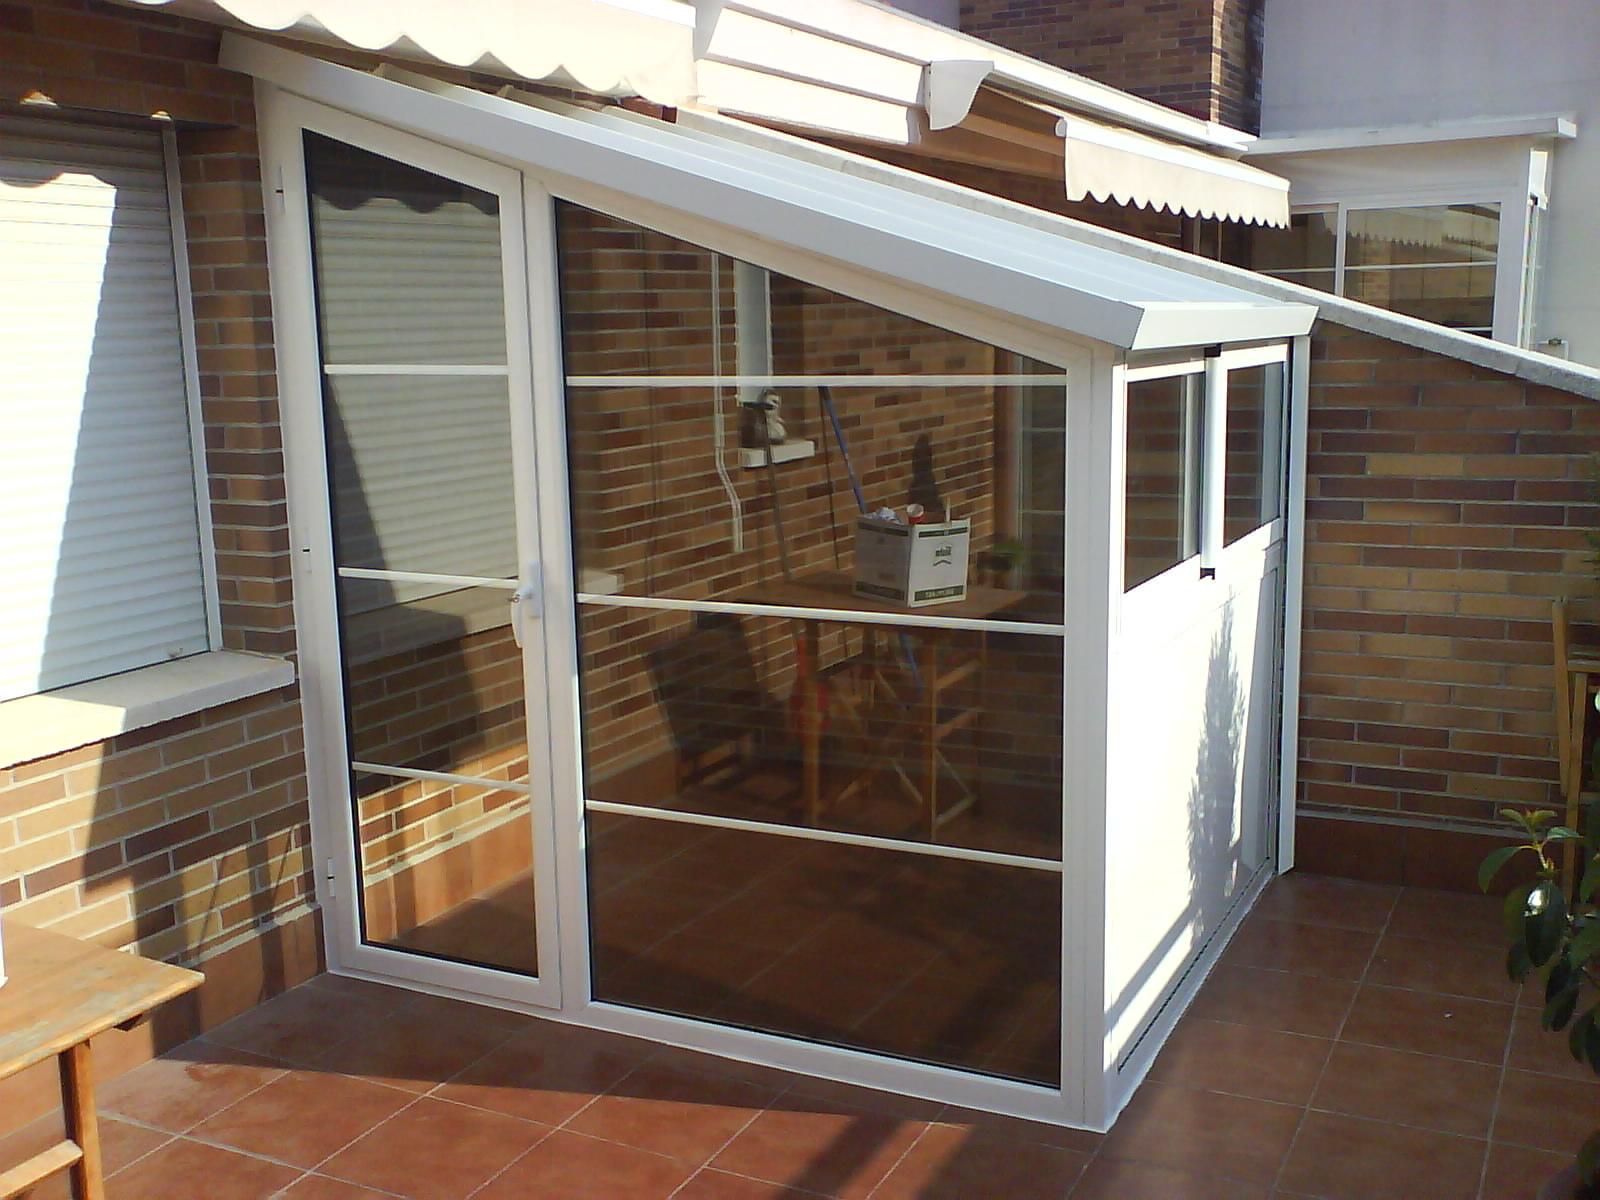 Cerramiento de aluminio tipo caseta de exterior terraza en for Cerramiento aluminio terraza